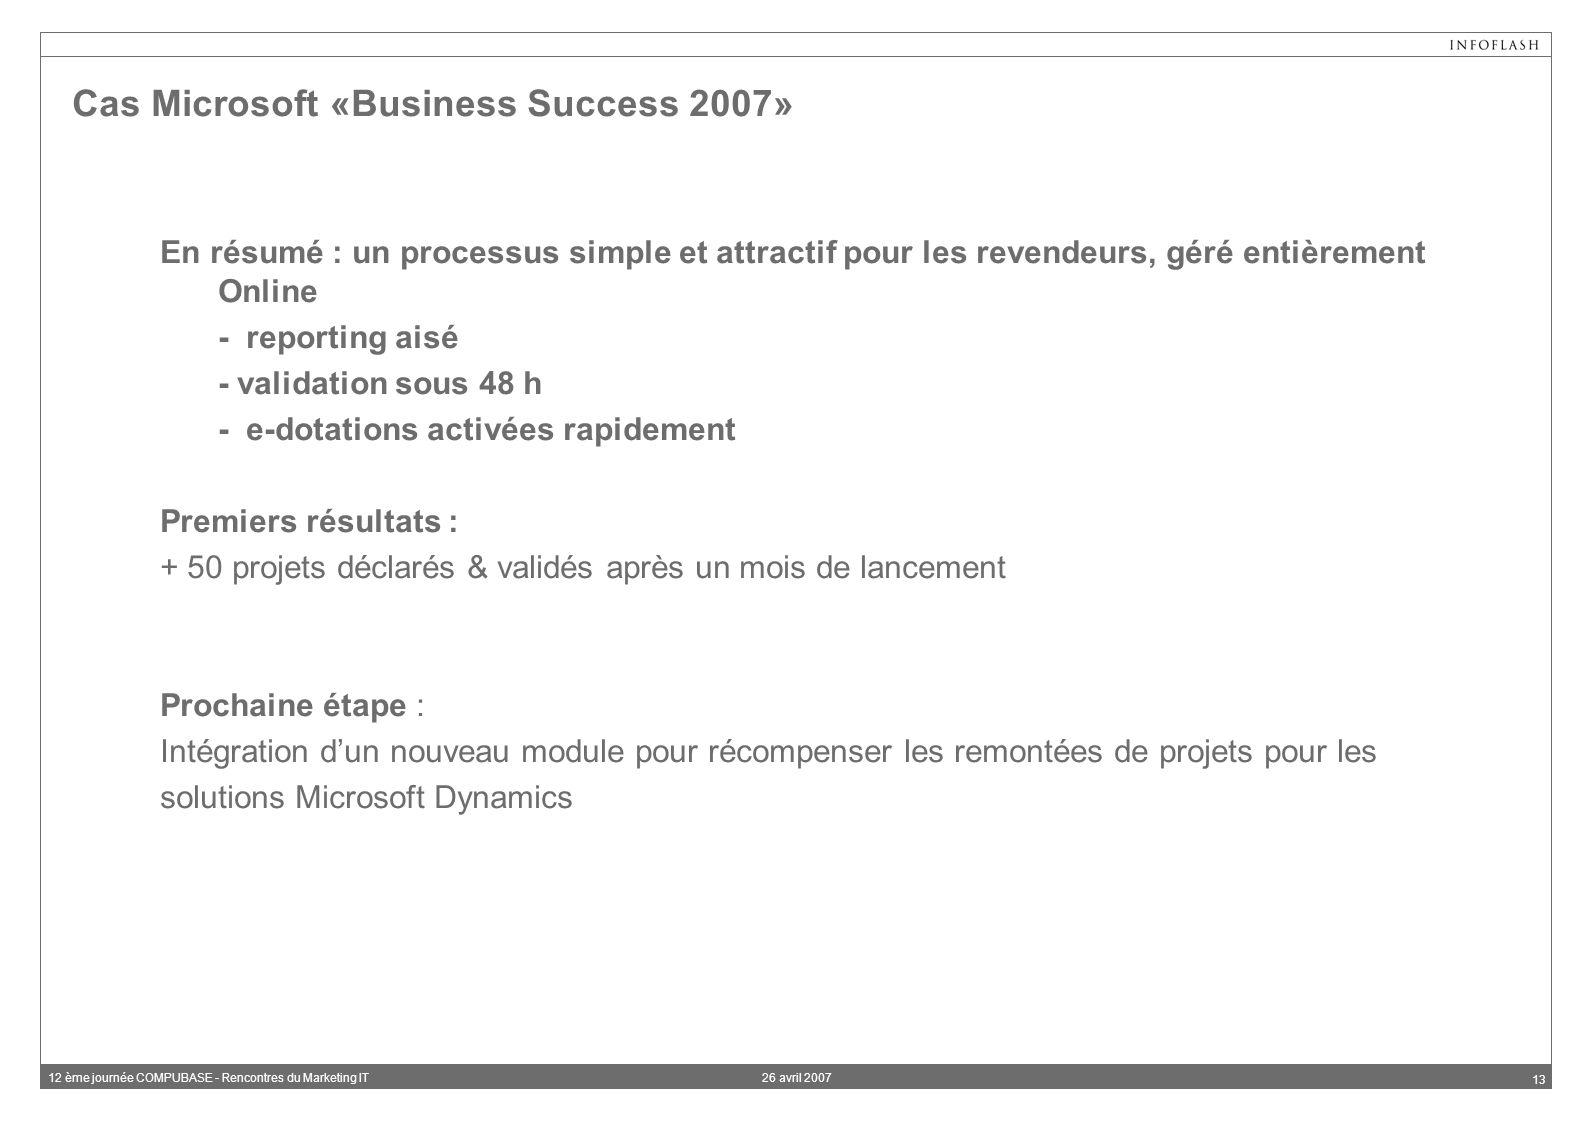 26 avril 200712 ème journée COMPUBASE - Rencontres du Marketing IT 13 Cas Microsoft «Business Success 2007» En résumé : un processus simple et attractif pour les revendeurs, géré entièrement Online - reporting aisé - validation sous 48 h - e-dotations activées rapidement Premiers résultats : + 50 projets déclarés & validés après un mois de lancement Prochaine étape : Intégration dun nouveau module pour récompenser les remontées de projets pour les solutions Microsoft Dynamics